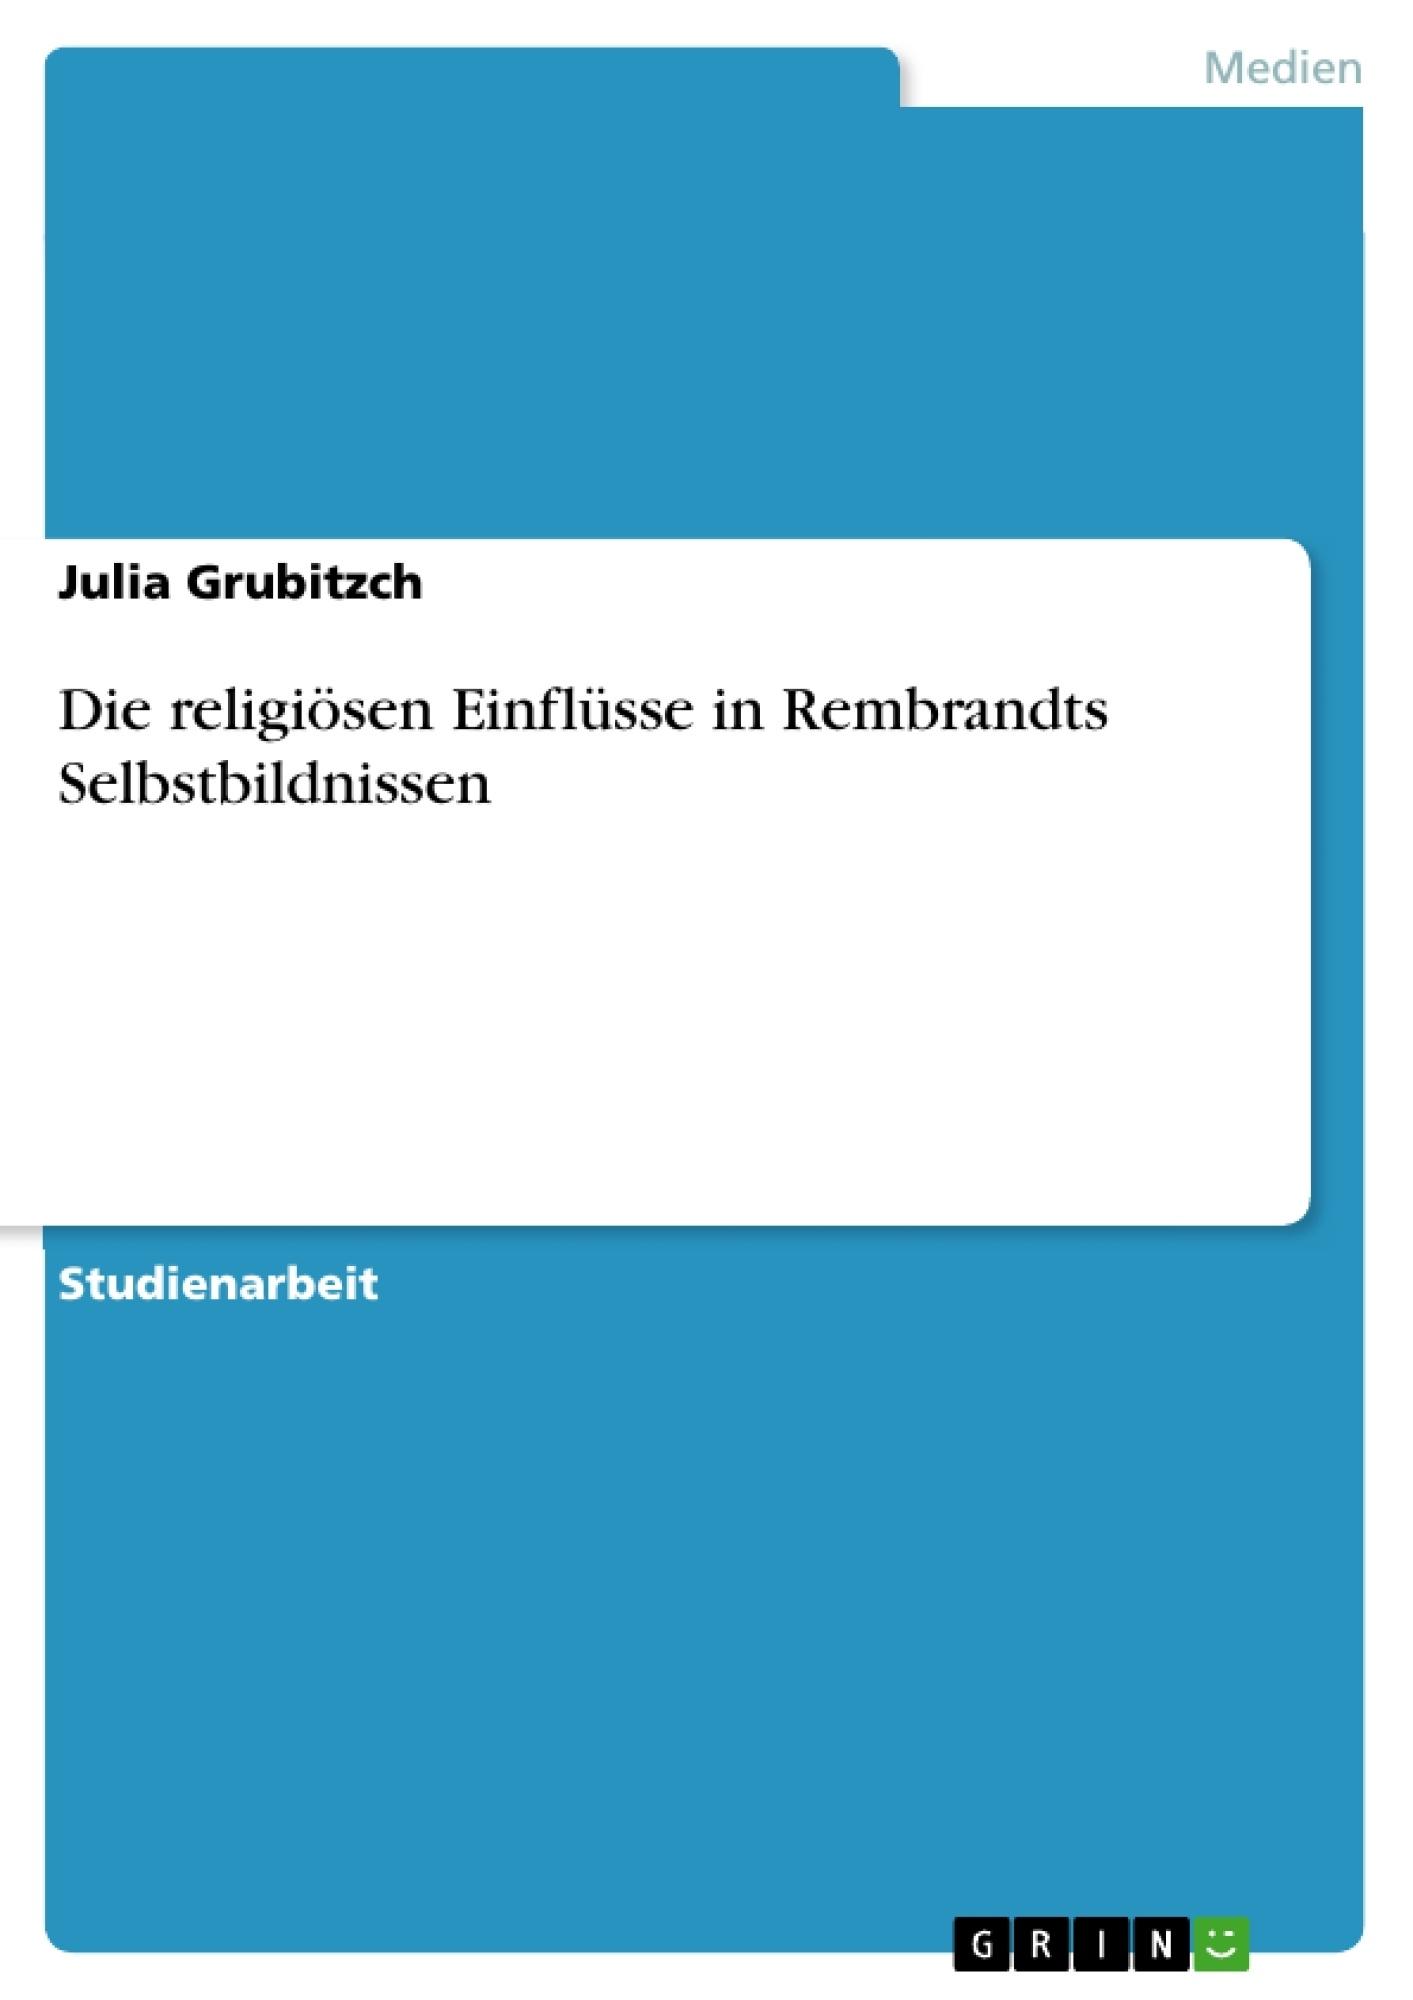 Titel: Die religiösen Einflüsse in Rembrandts Selbstbildnissen